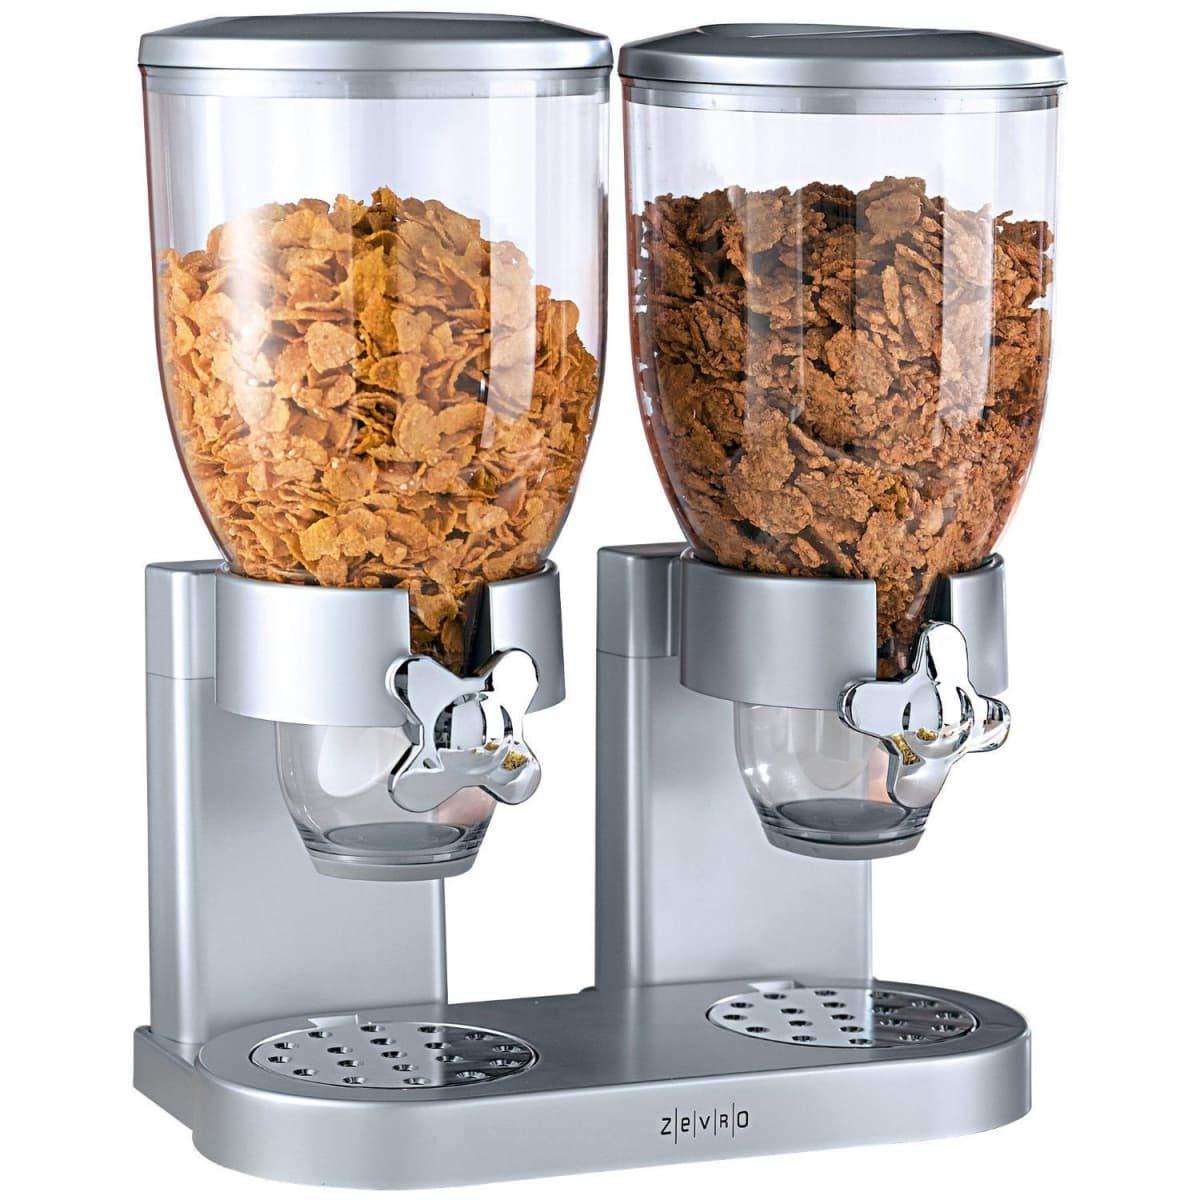 Erogatore müsli/Erogatore cerealiDouble, 2 contenitori, ca. 3,5 cad. PureDay